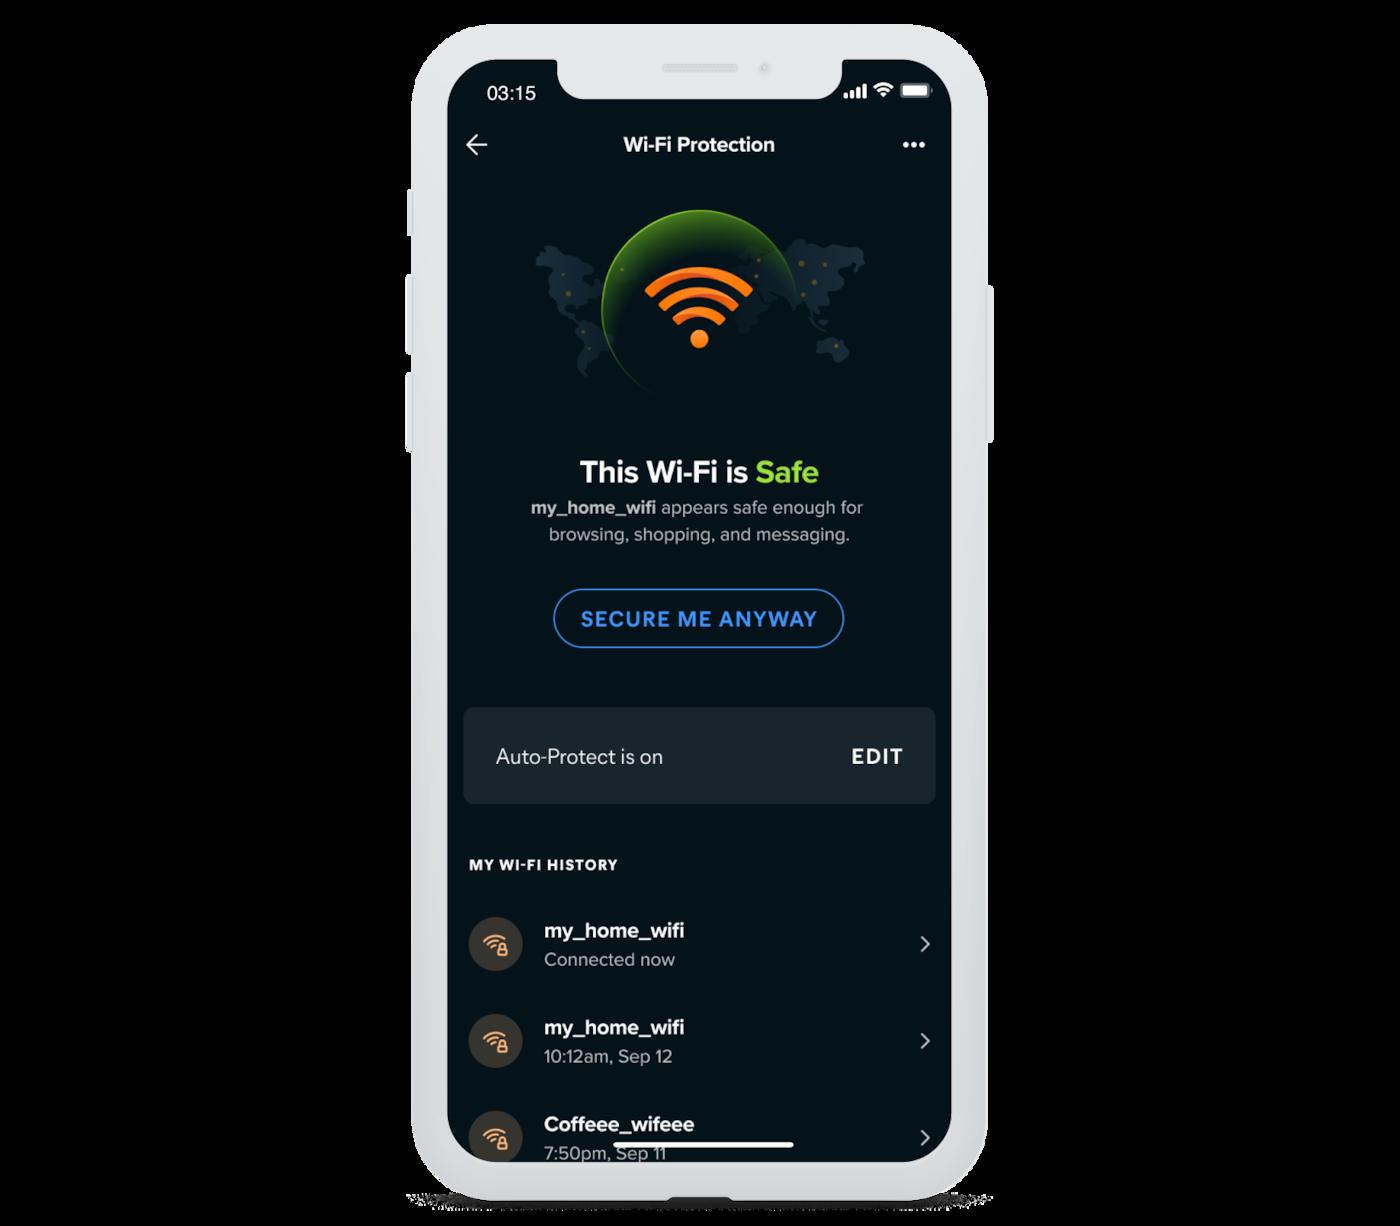 Легко проверяйте безопасность сети Wi-Fi